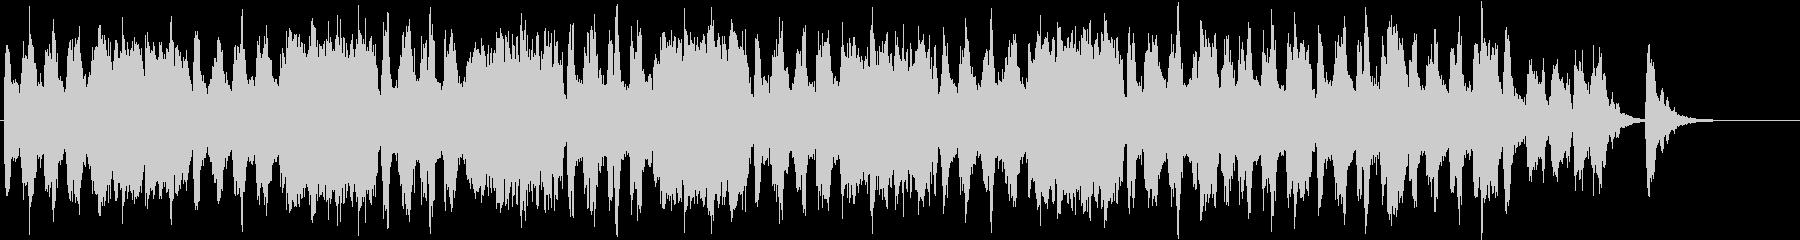 ハロウィン ホラー モンスターBGM 2の未再生の波形